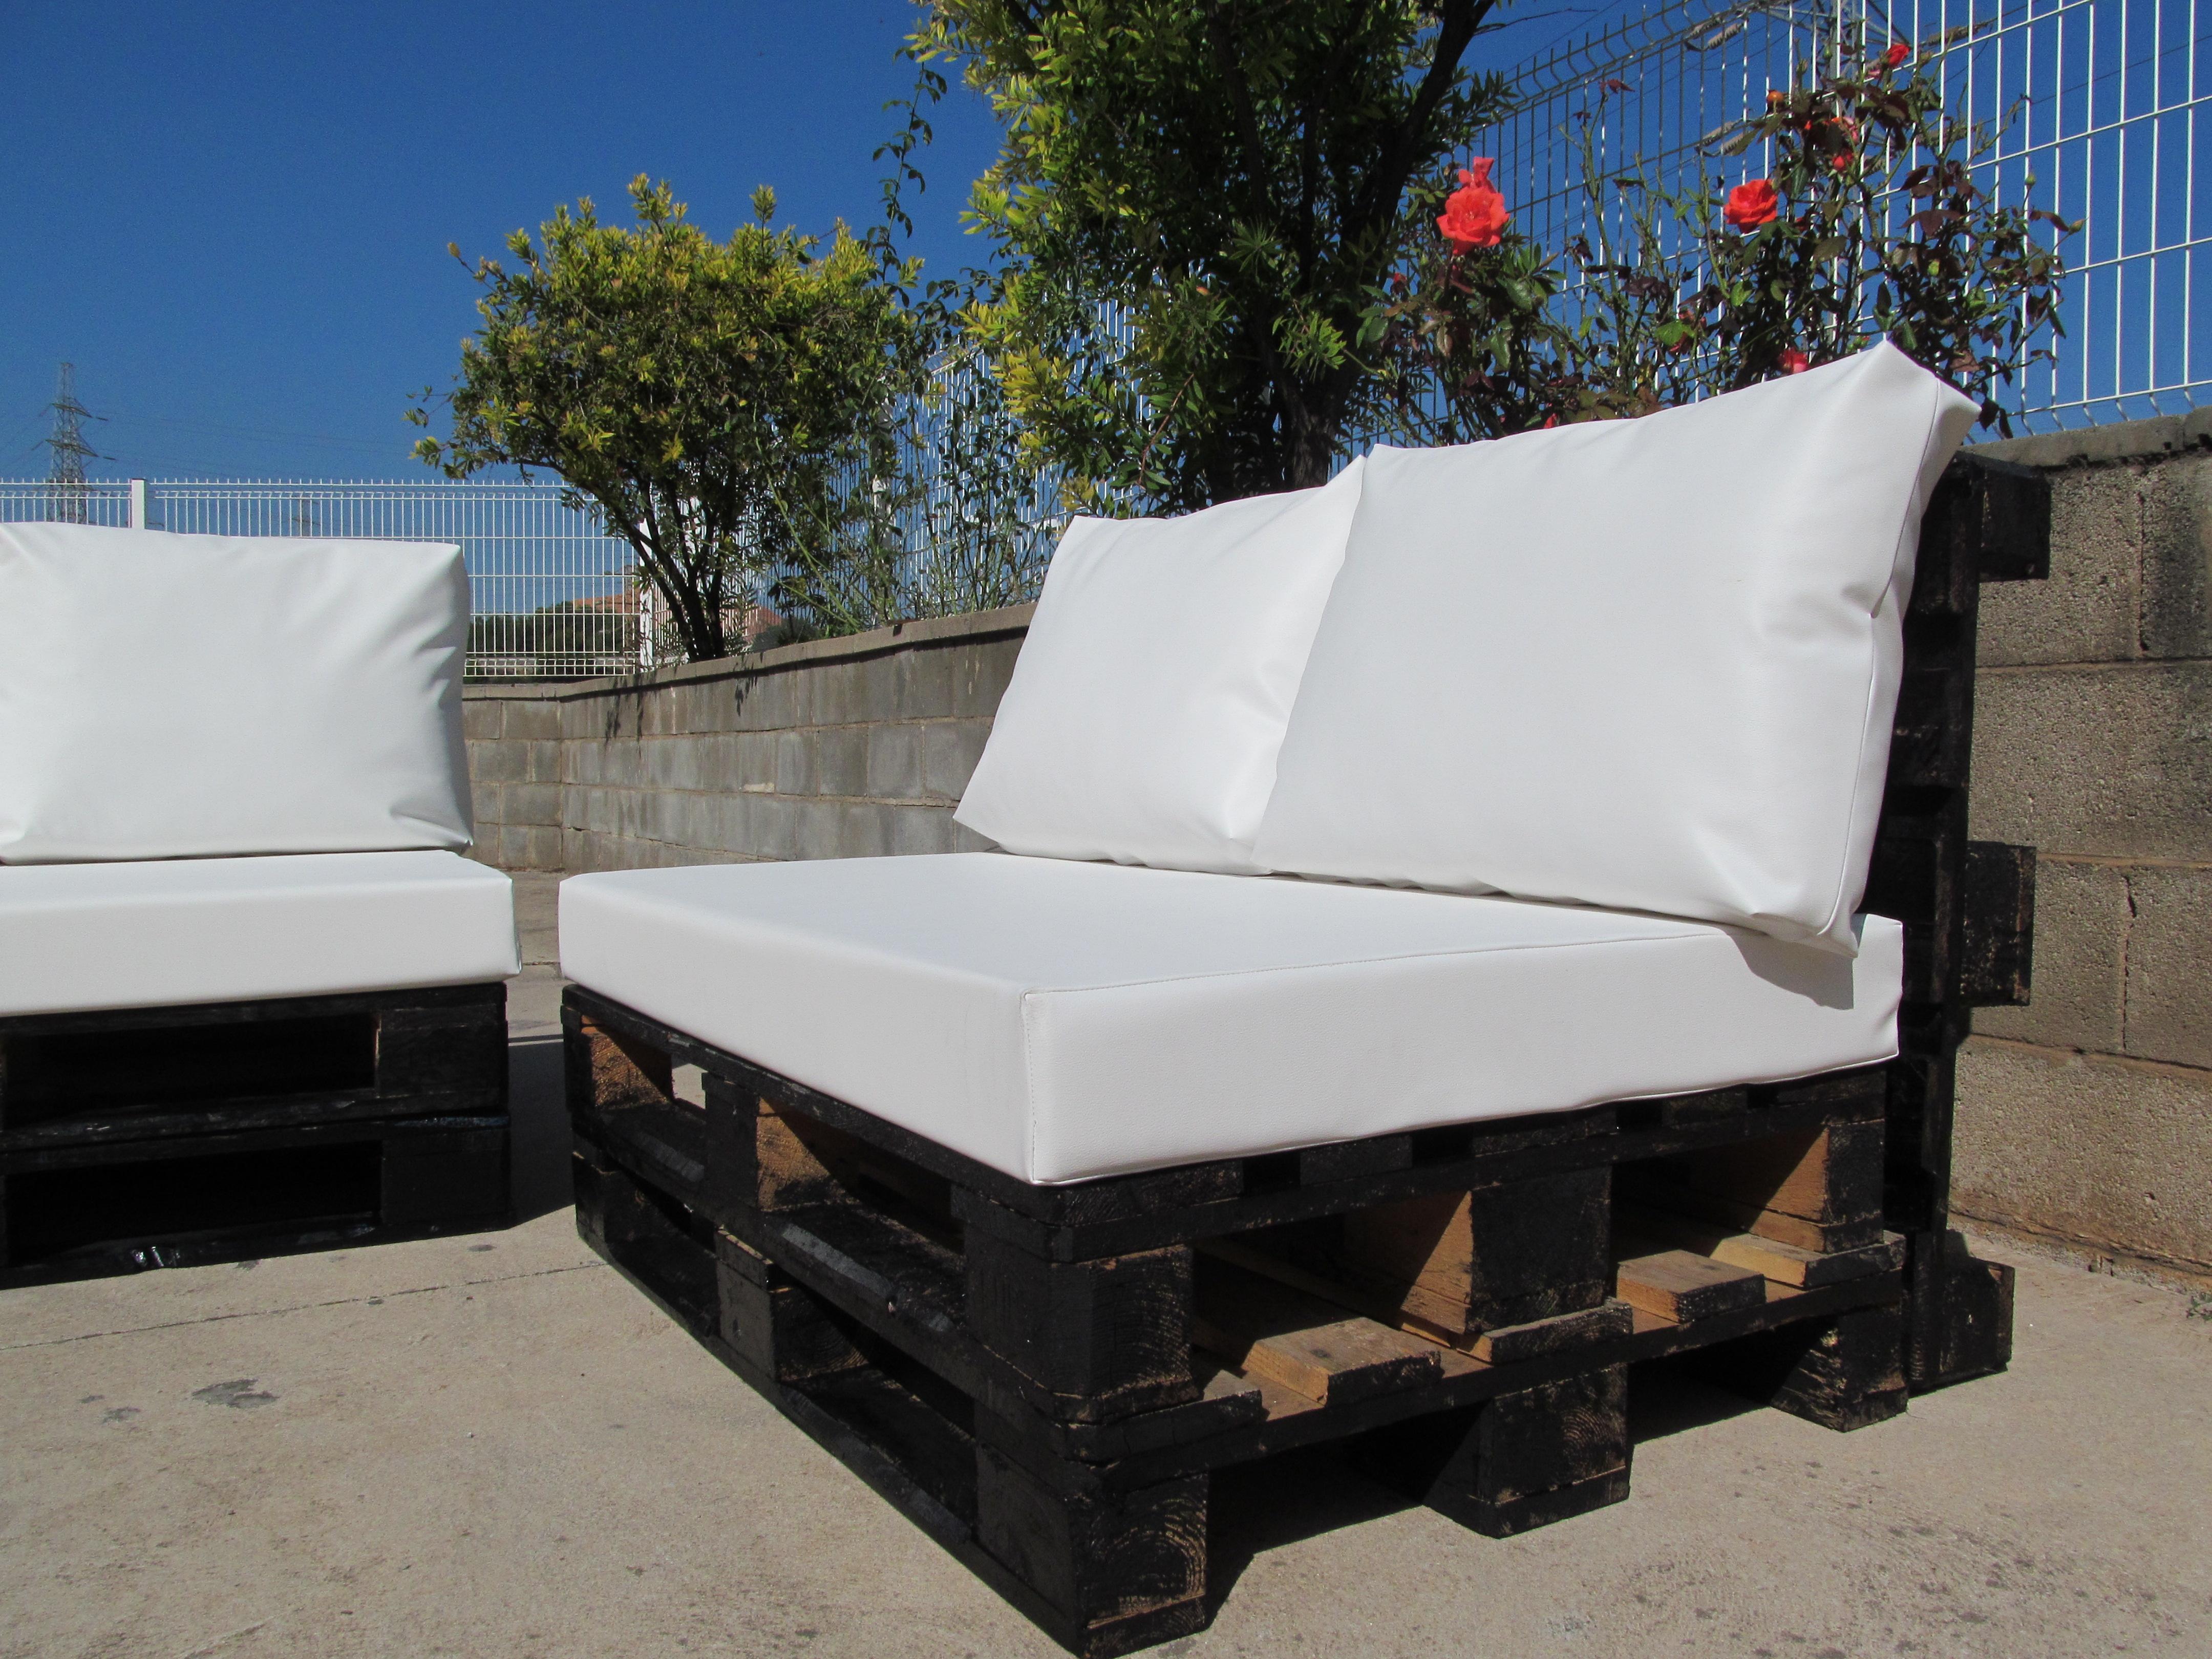 Coj n sillones exterior de asiento - Cojines muebles exterior ...